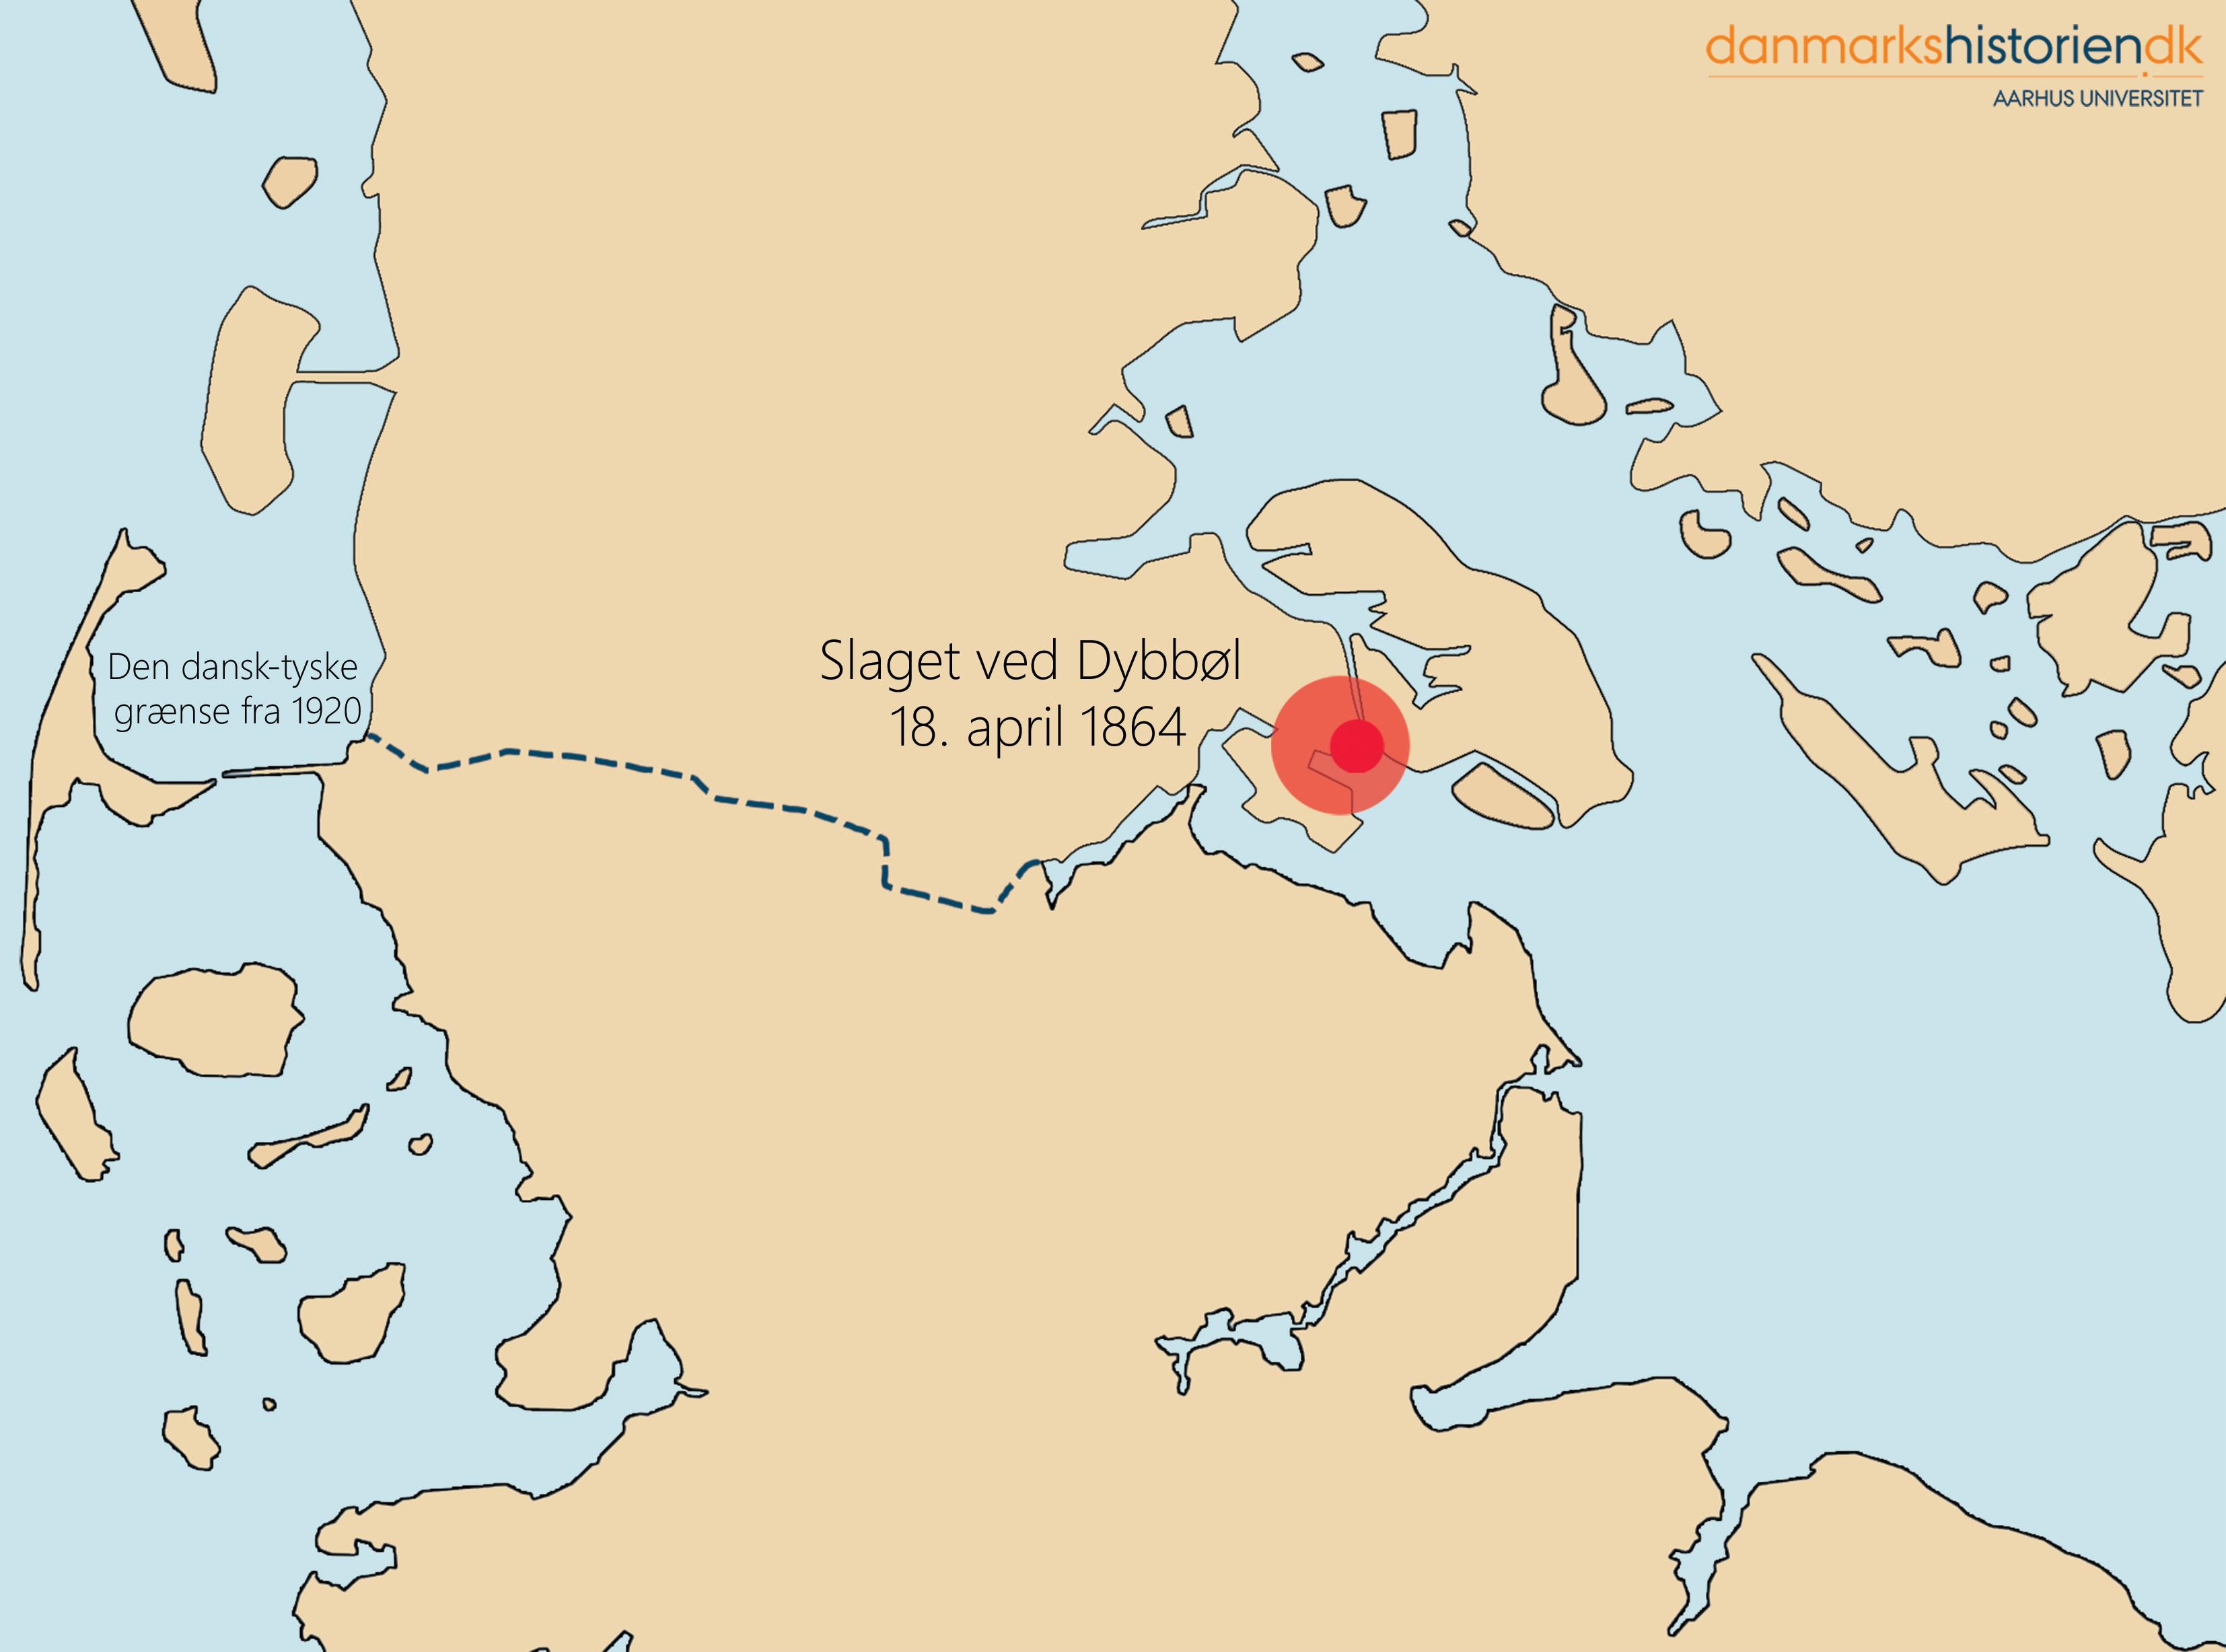 Slaget Ved Dybbol 18 April 1864